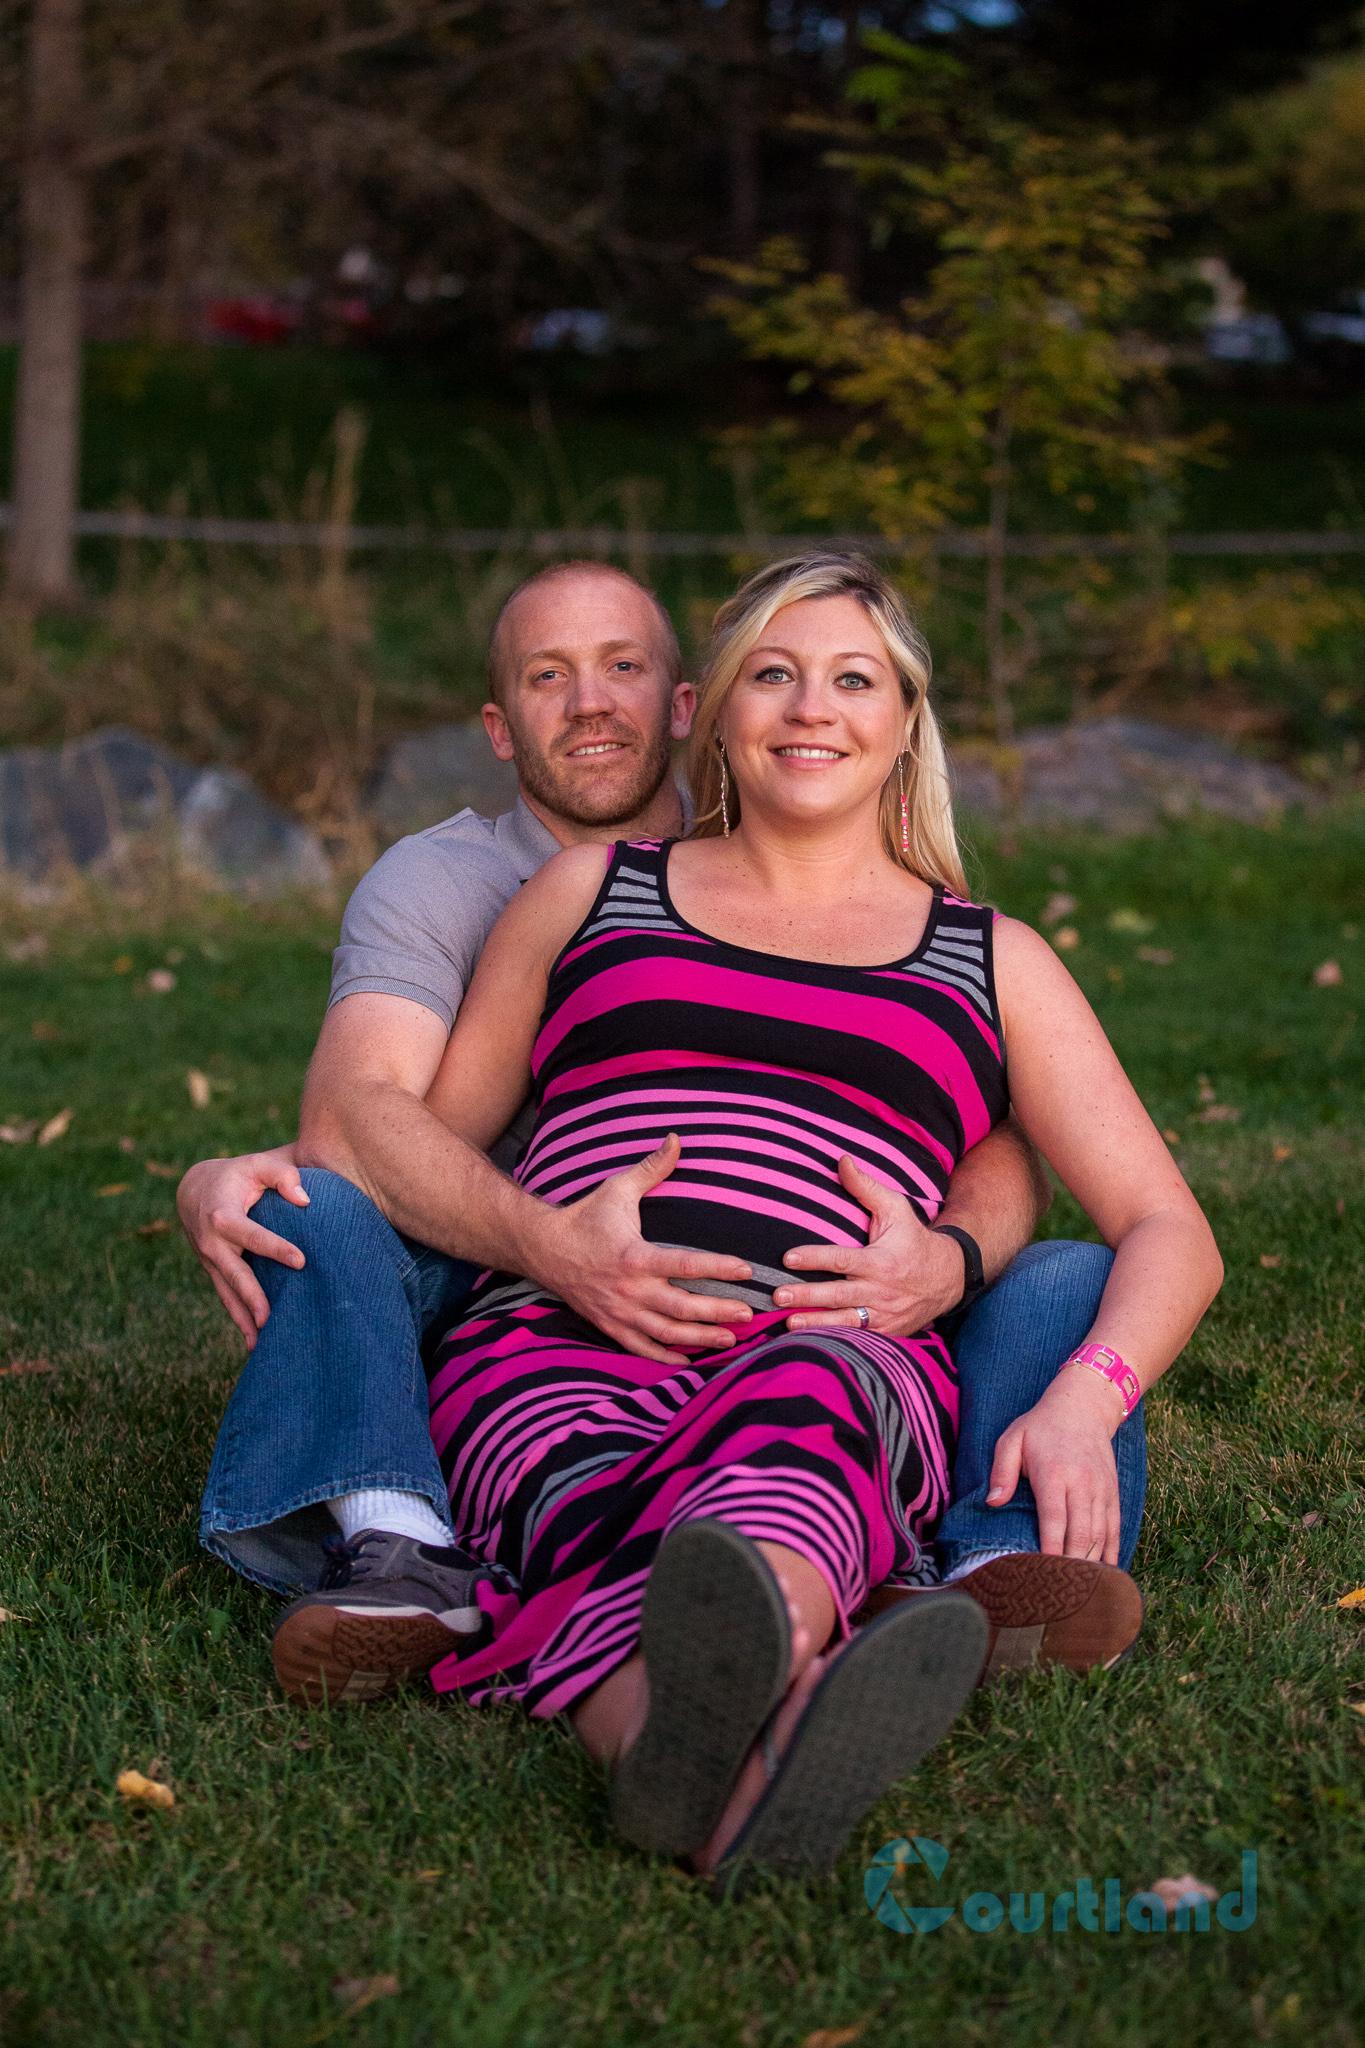 Jordan Maternity-PERSONAL LOGO-151011-021.jpg